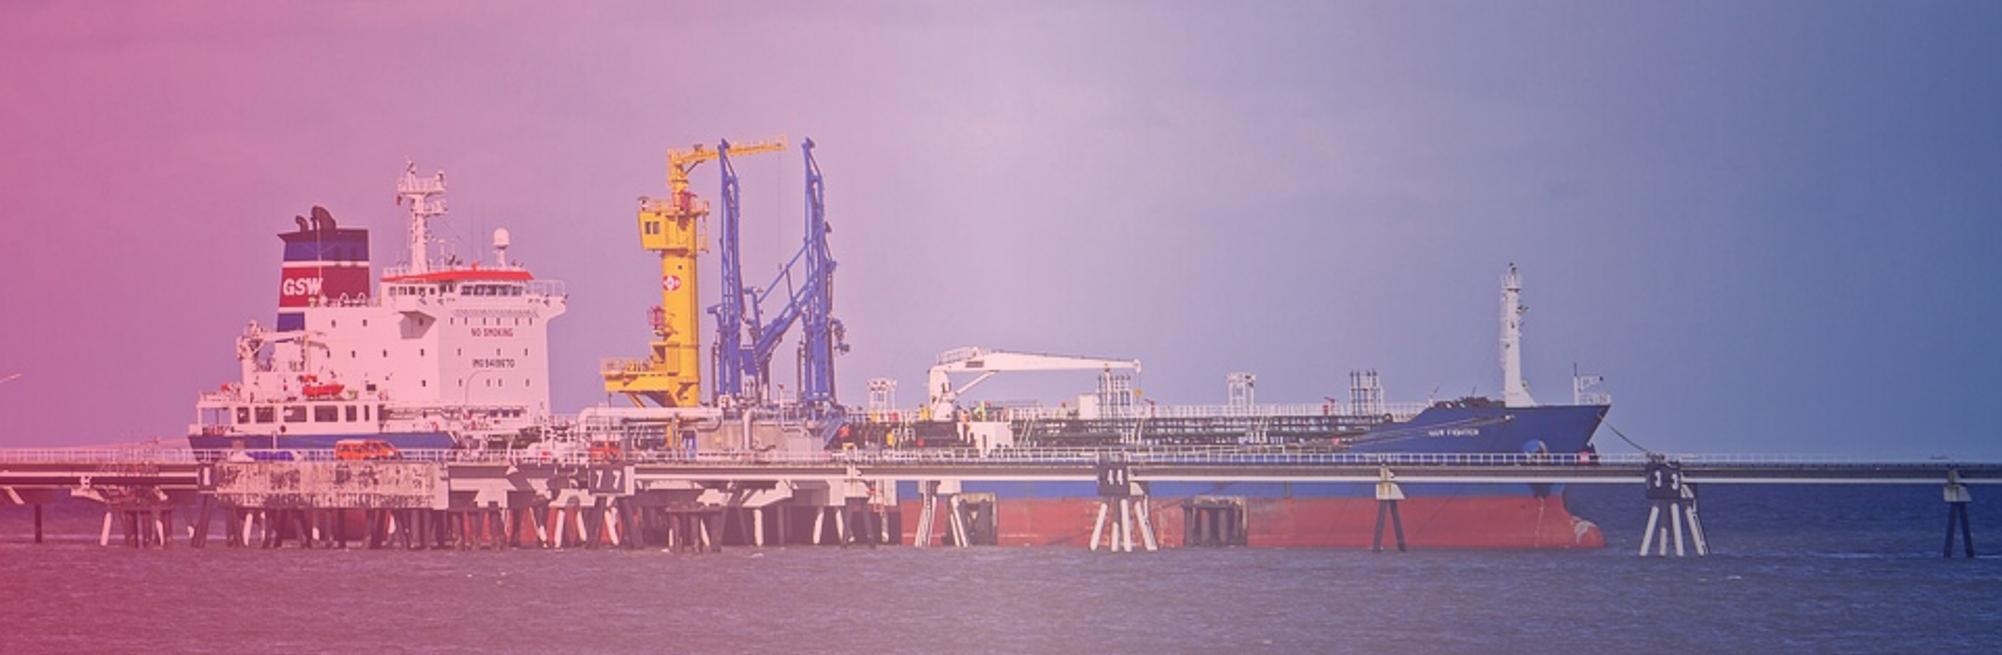 Témoignage client ARAGO Consulting : SBM Offshore